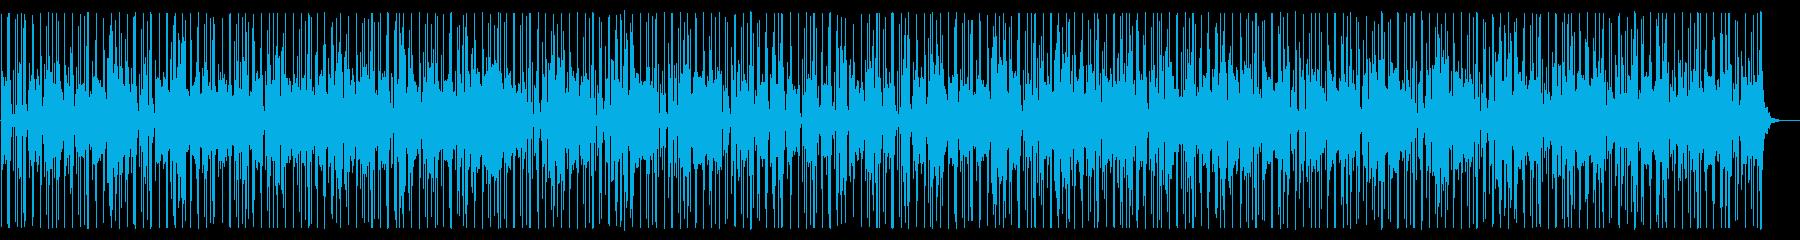 都会/R&B/生演奏_No452_2の再生済みの波形